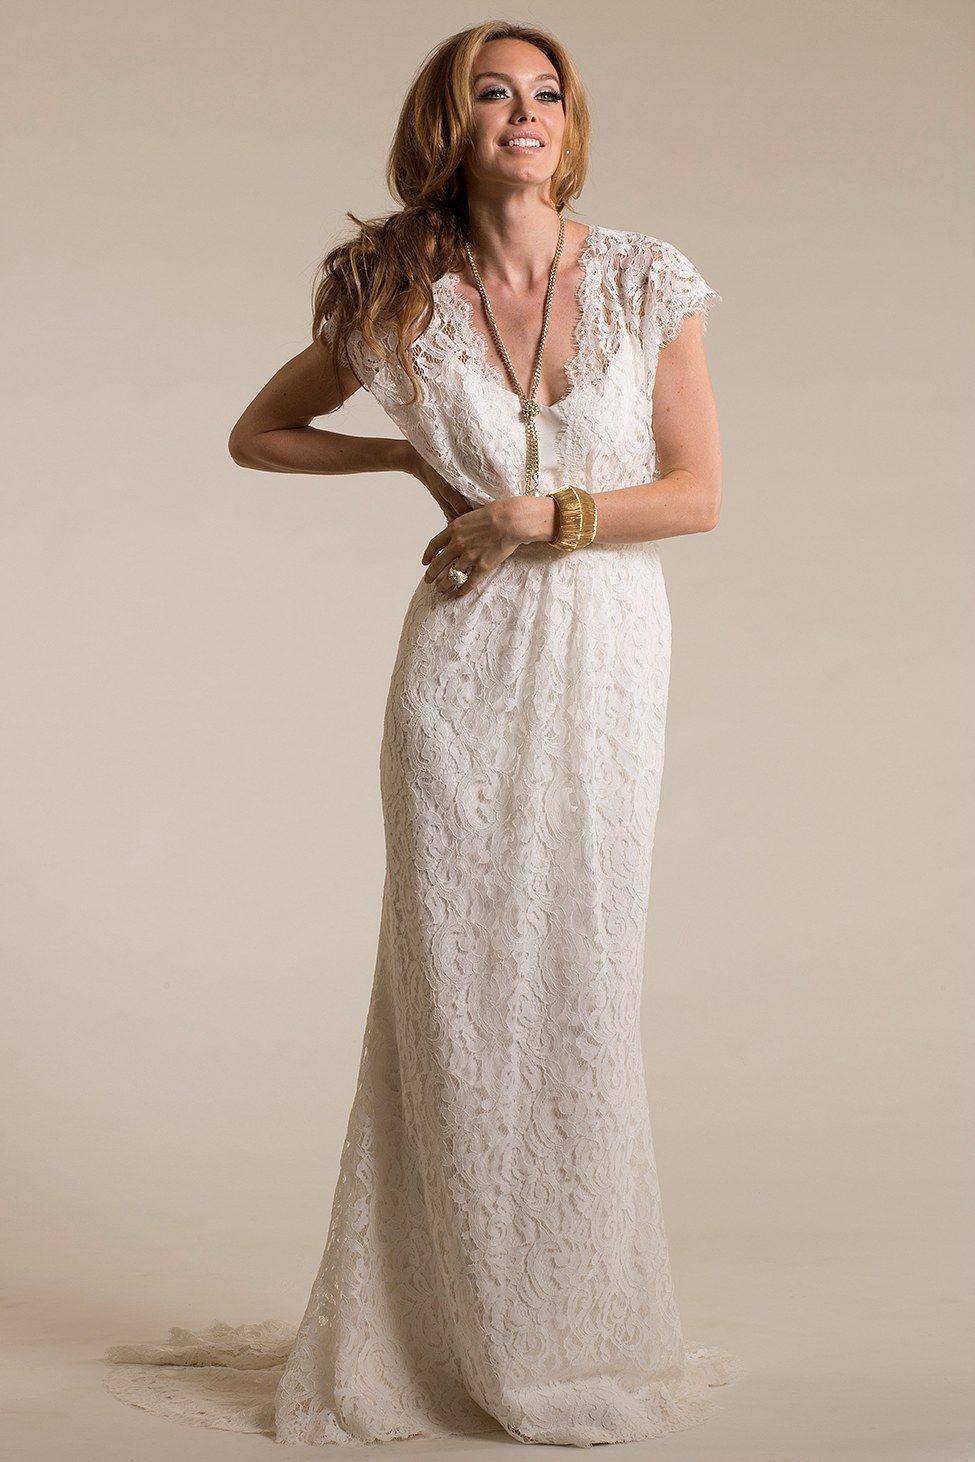 Lace keyhole back wedding dress   Keyhole Back Cap Sleeve Lace Wedding Dress ucenterdress